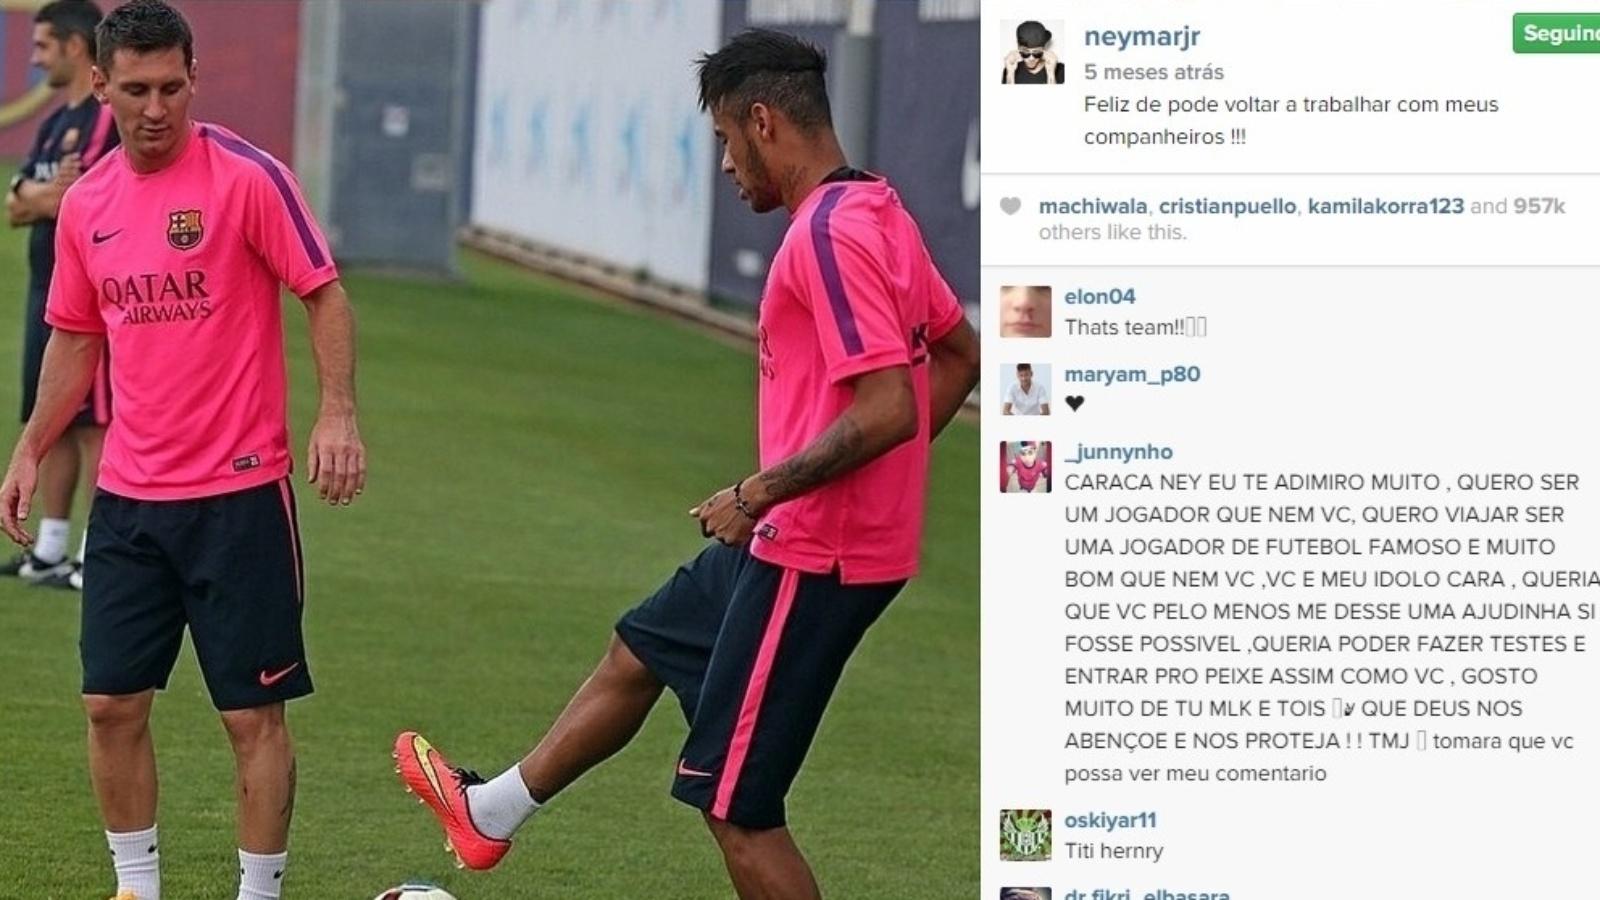 Neymar já afastou até Messi de briga com o treinador Luis Enrique de acordo com a mídia catalã